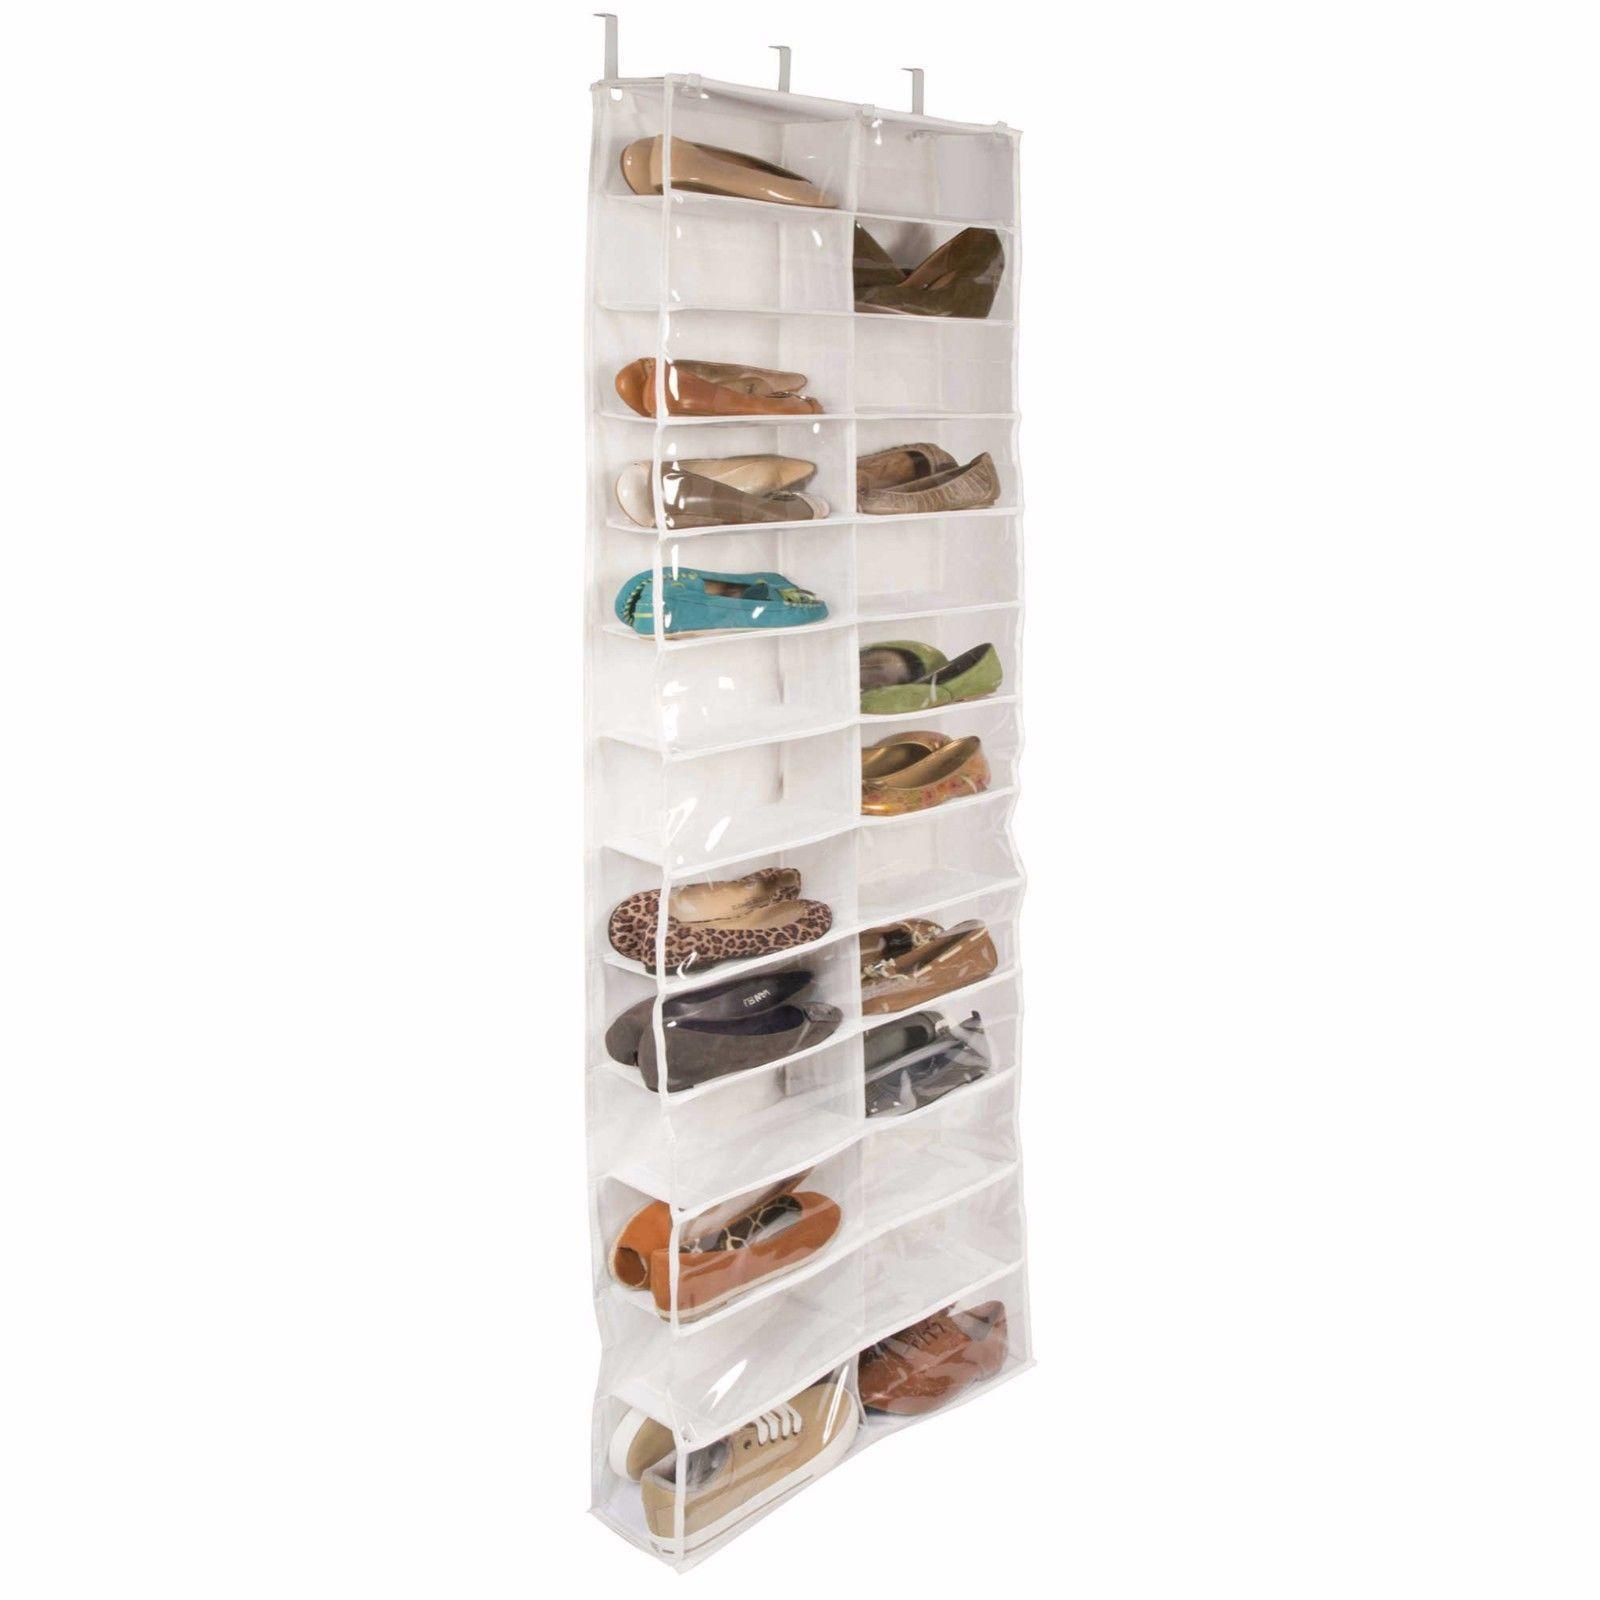 26 Pocket Over The Door Shoe Organizer Rack Hanging Storage